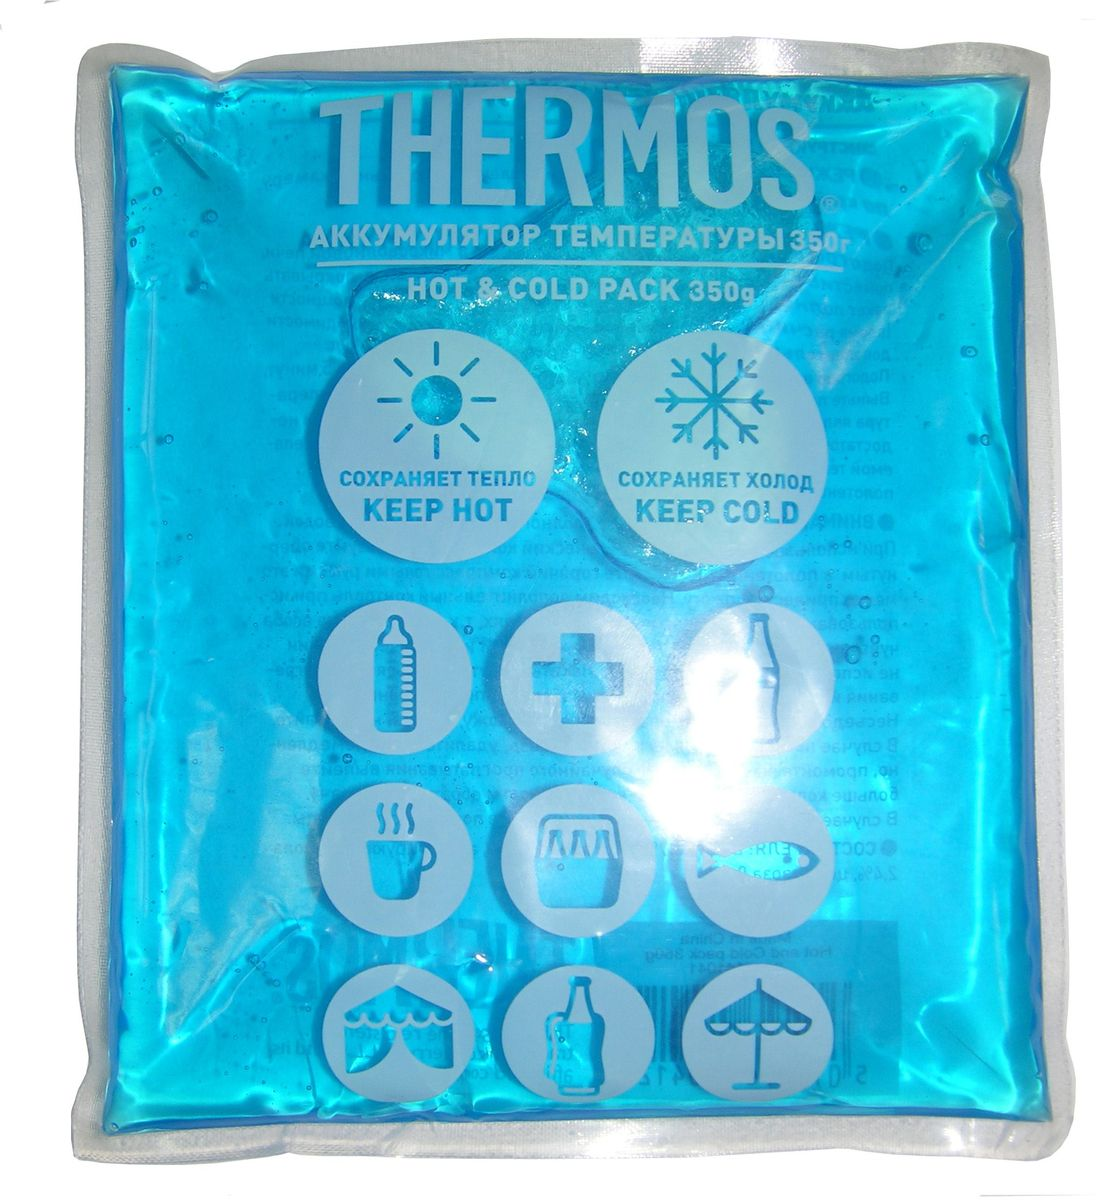 Аккумулятор температуры Thermos Gel Pack, цвет: синий, 350 г410412Аккумулятор температуры Thermos очень универсальный в применении. Он используется для поддержания как низкой, так и высокой температуры. Замораживается, разогревается и всегда остается мягким.Вес: 350 гр.